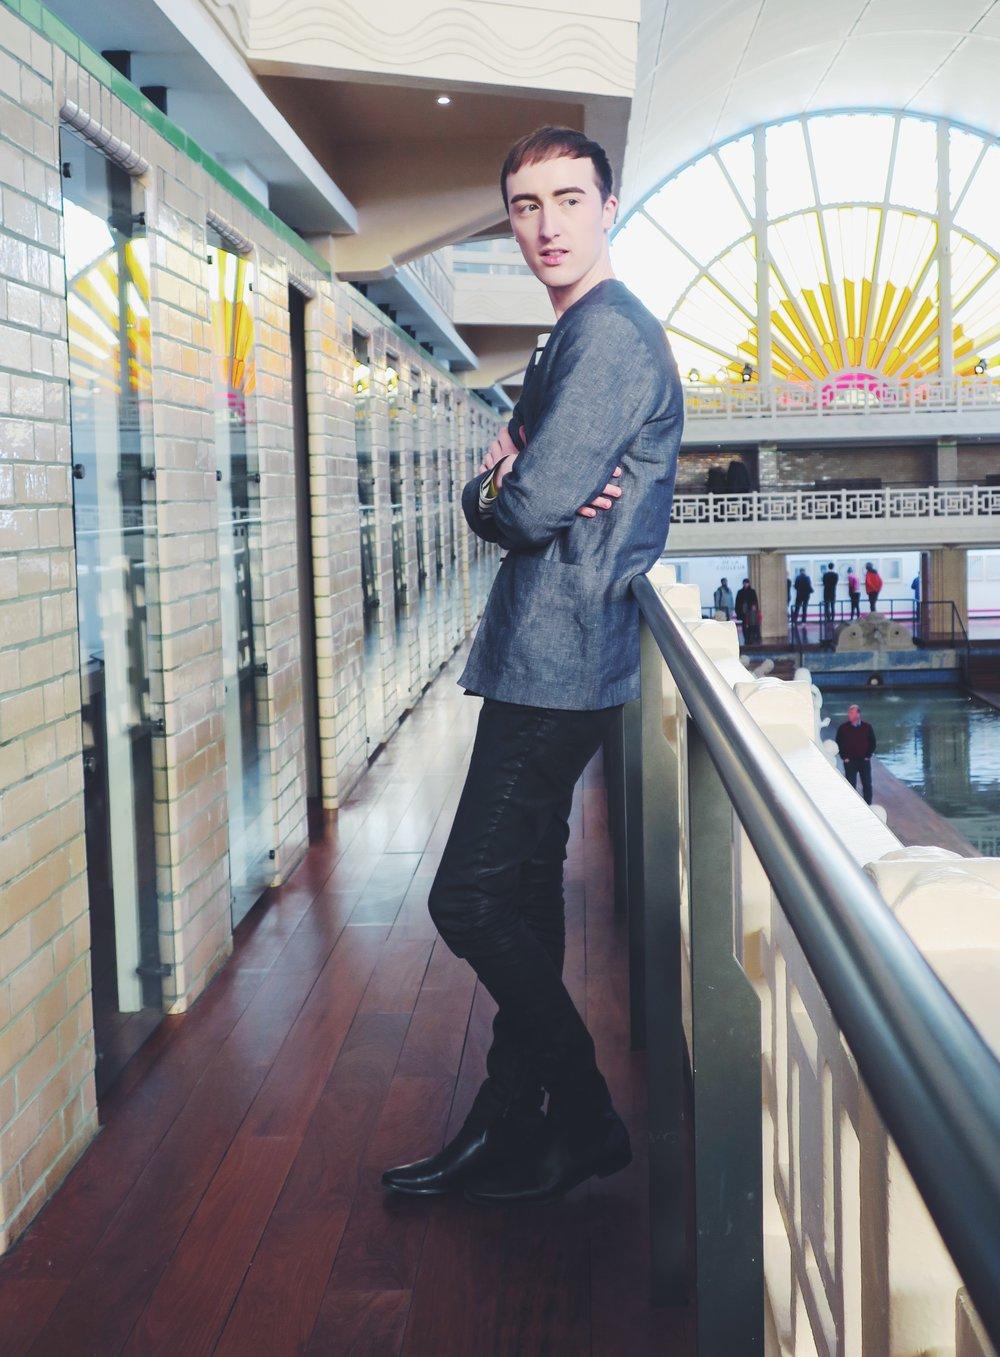 Cos vest - Cos t-shirt - Zara jeans - Zign ankle boots via Zalando